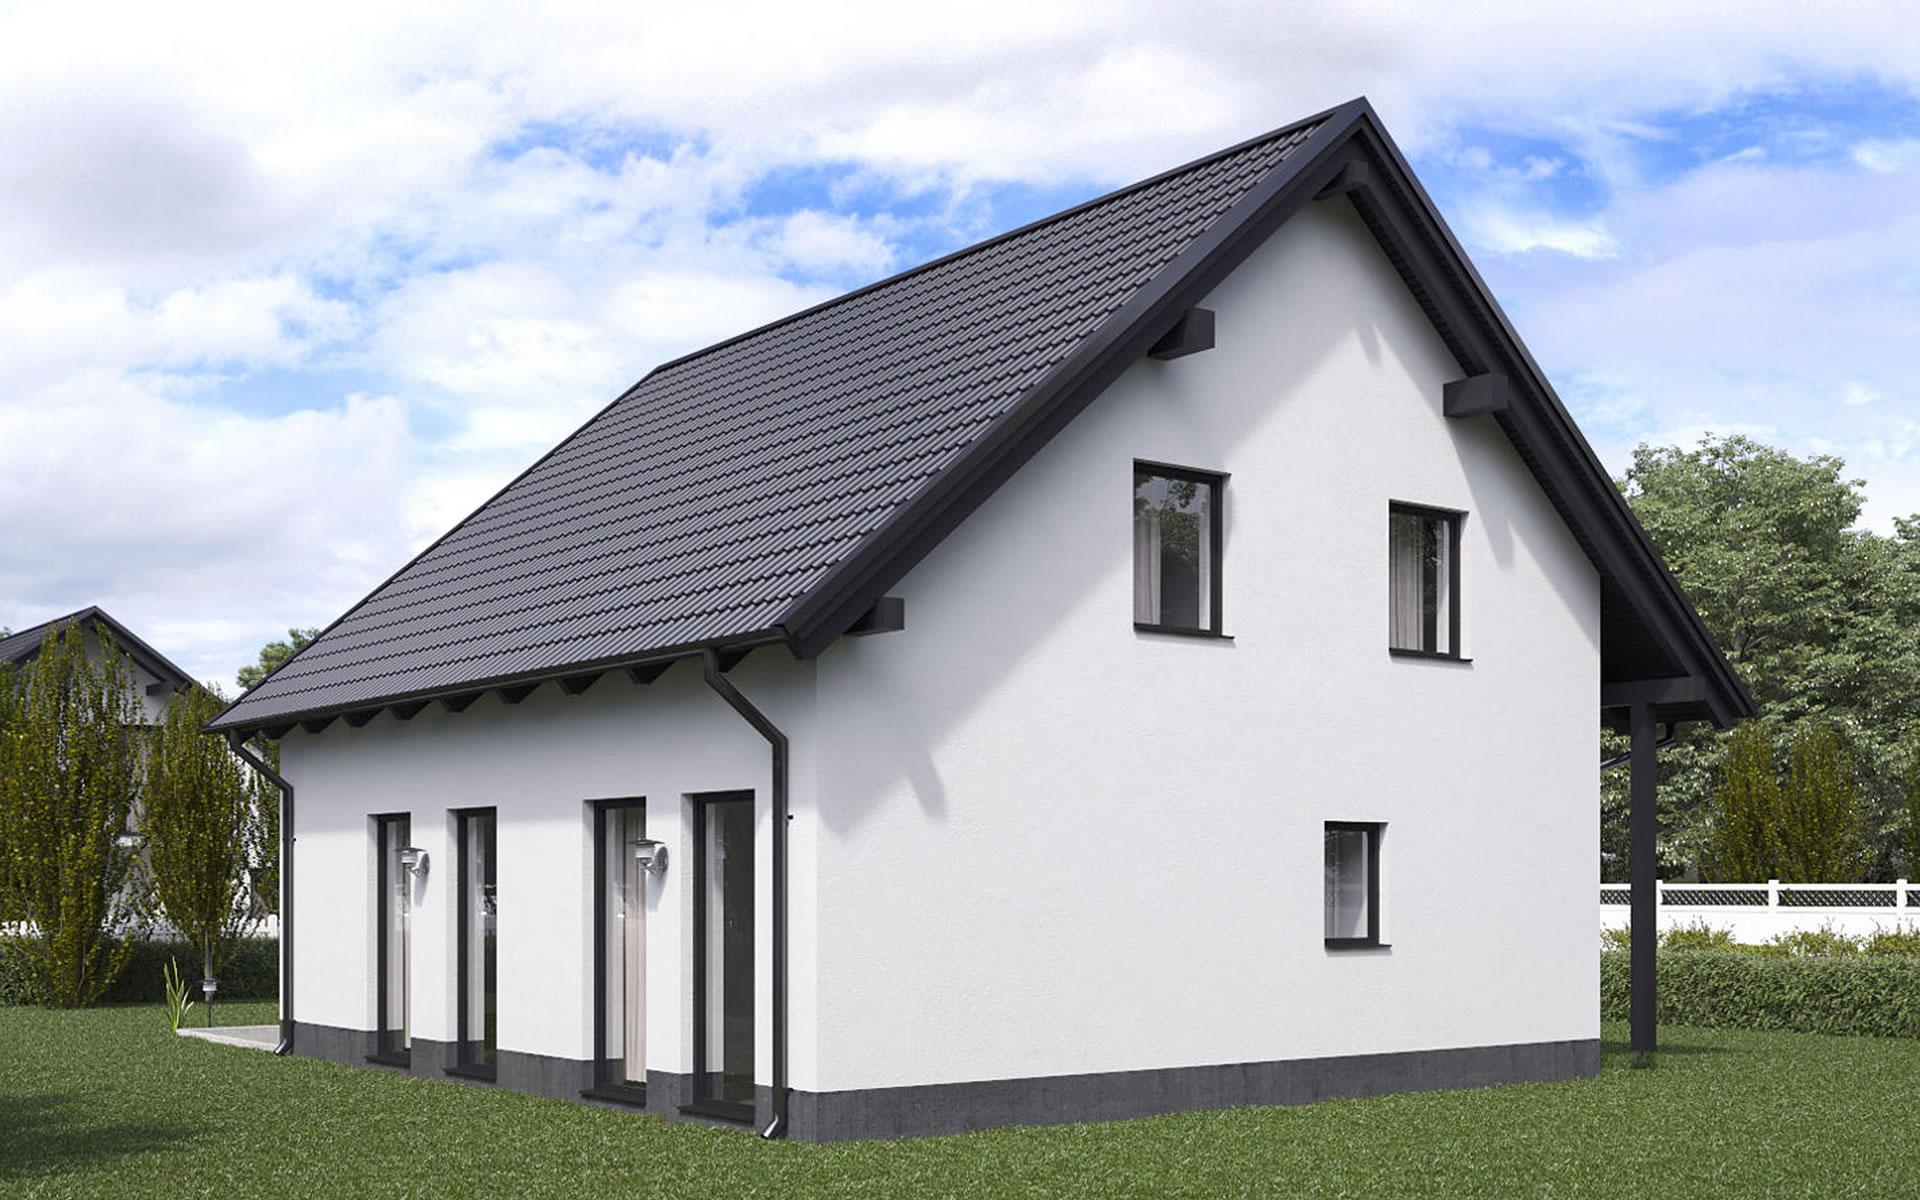 Einfamilienhaus BS 112 von B&S Selbstbausysteme GmbH & Co. KG